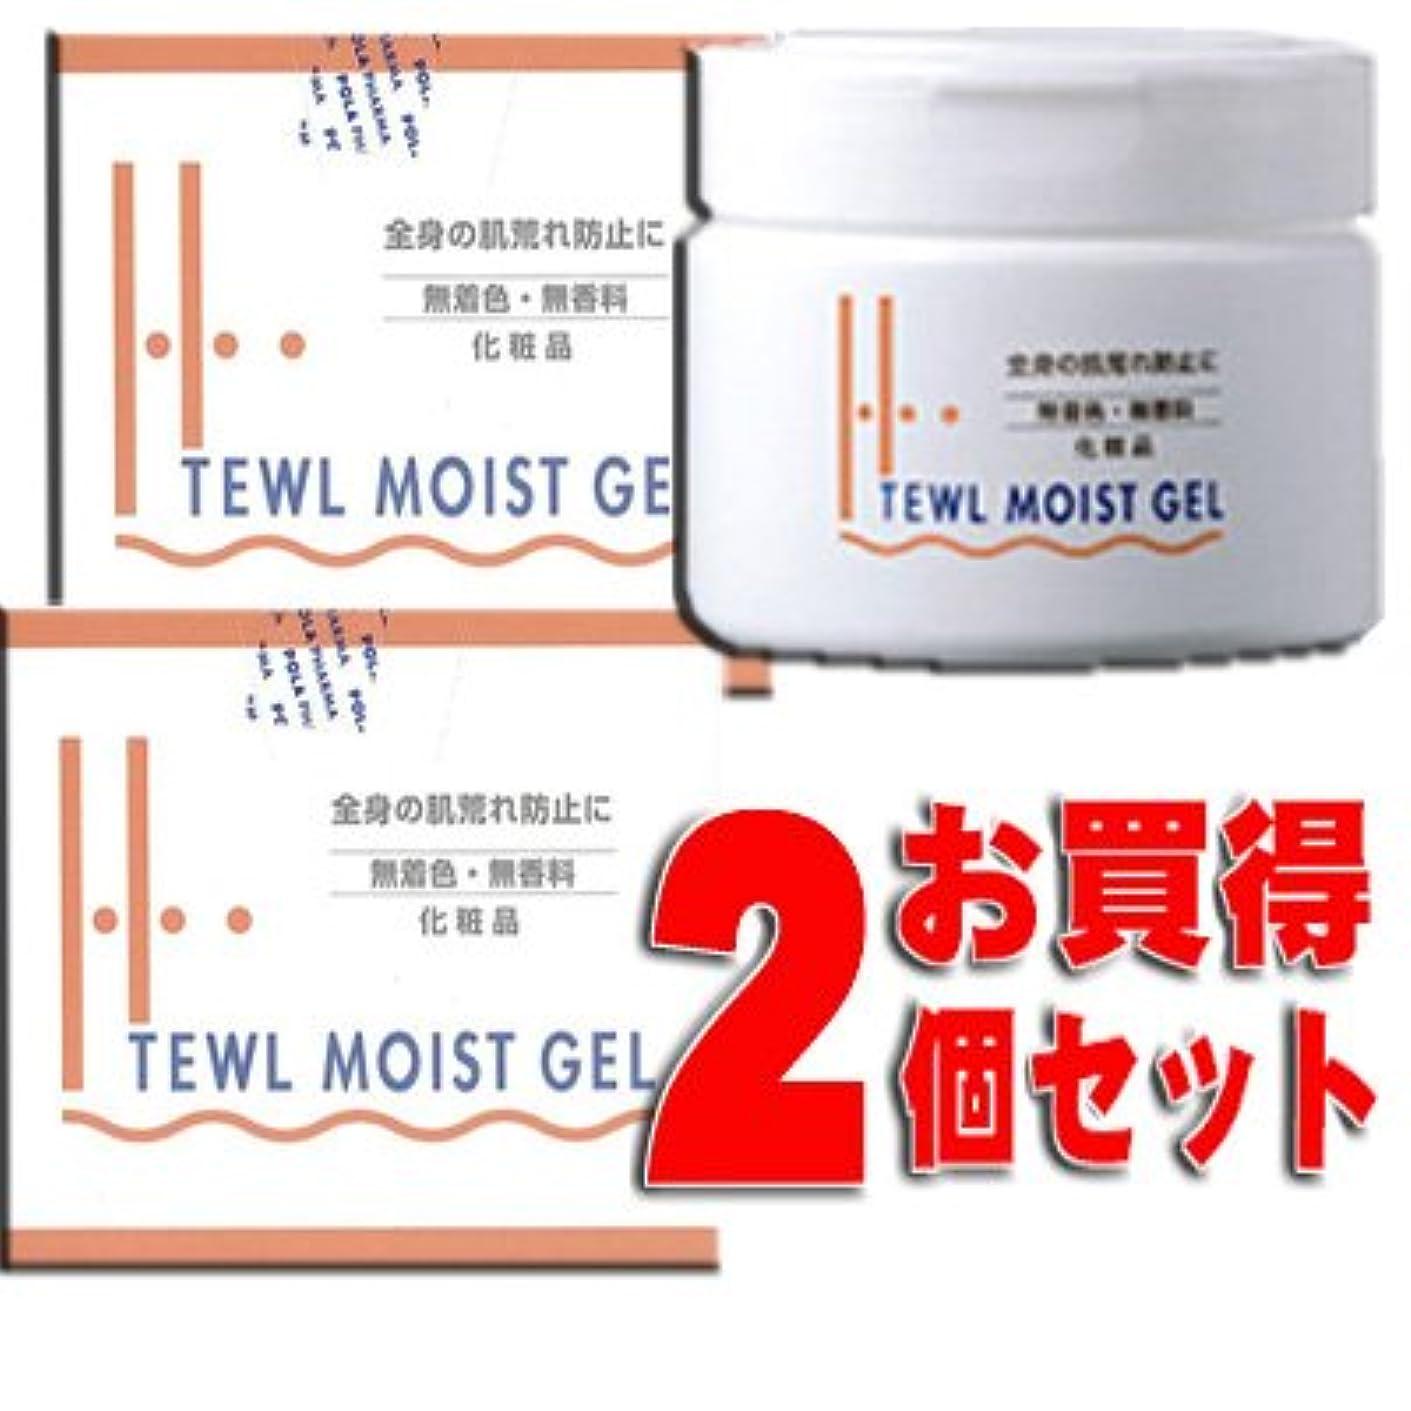 群衆不忠置換★お買得2個★ ハイテウル モイストジェル 300gx2個 (ポーラファルマ)エタノールや界面活性剤に敏感な方へおすすめするゲルクリームです。